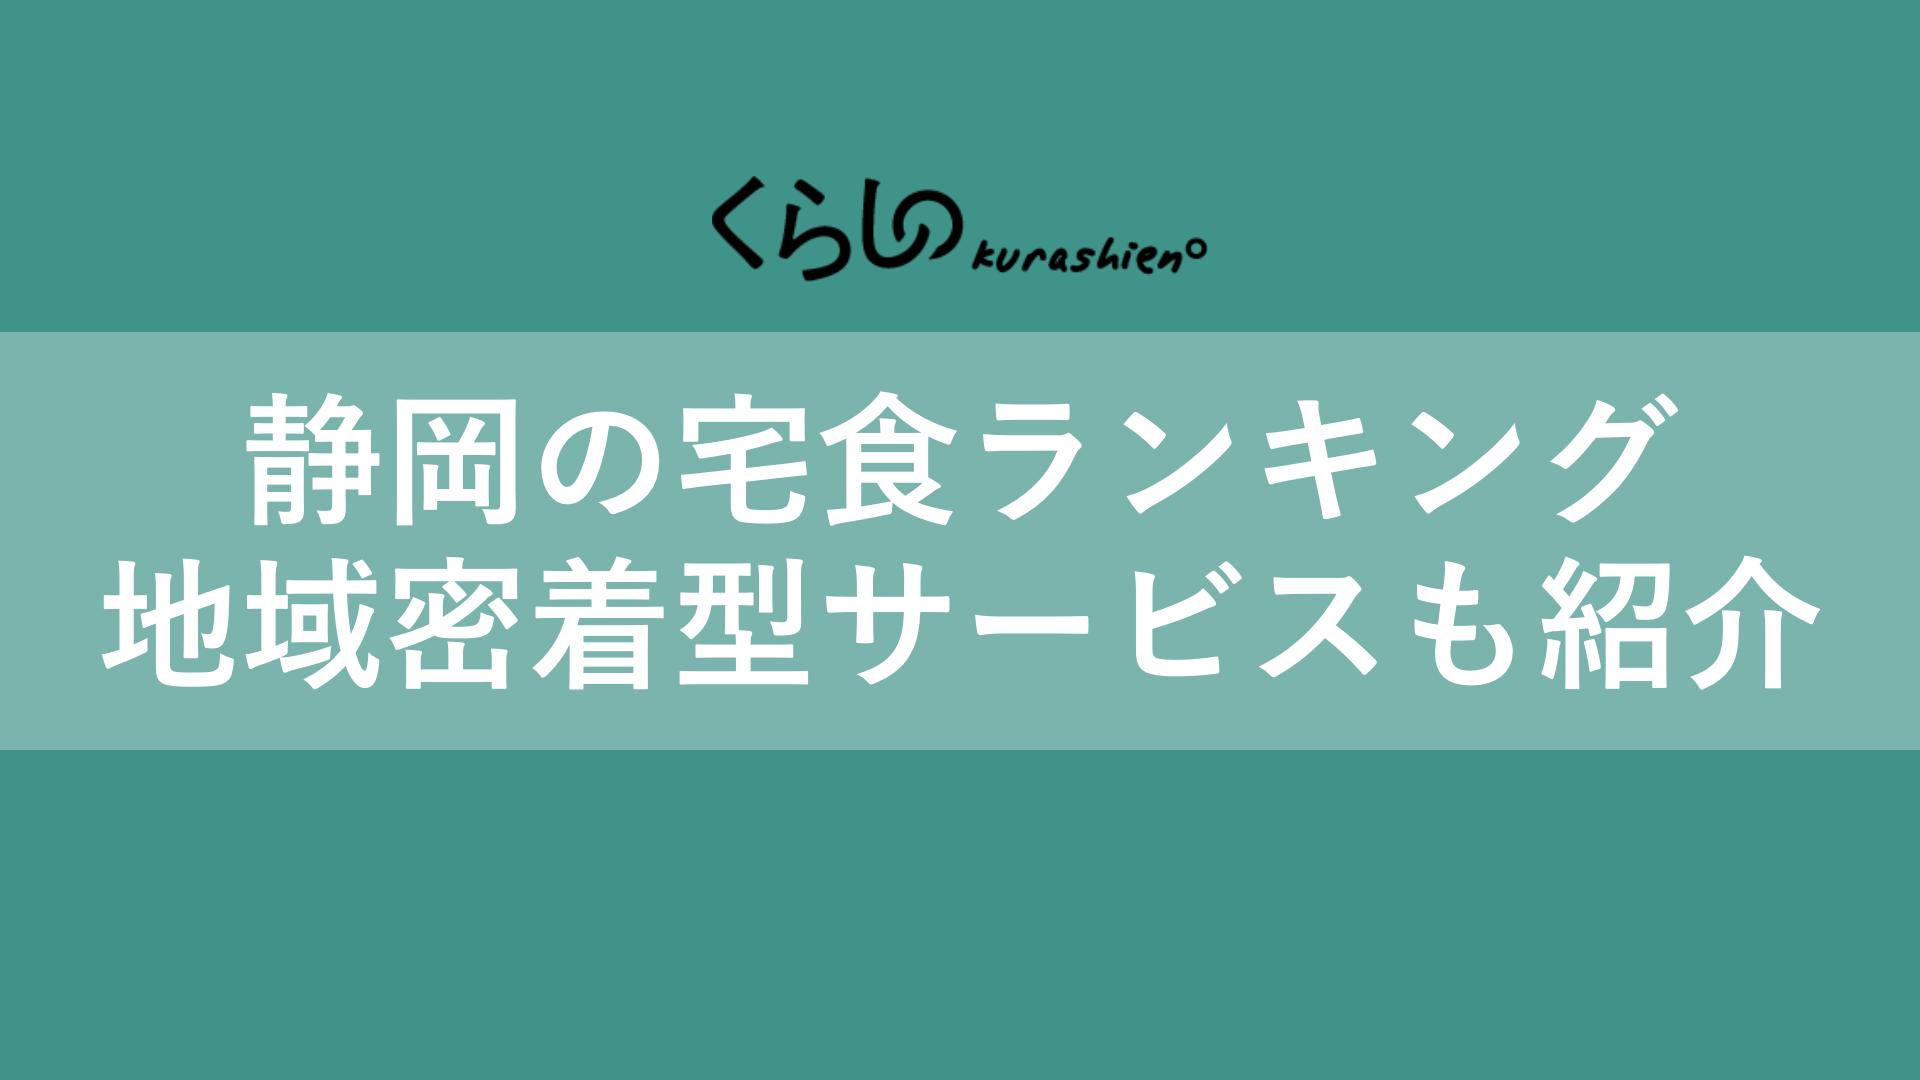 静岡県の宅食サービス・宅配弁当おすすめランキング!地域密着型サービスも紹介